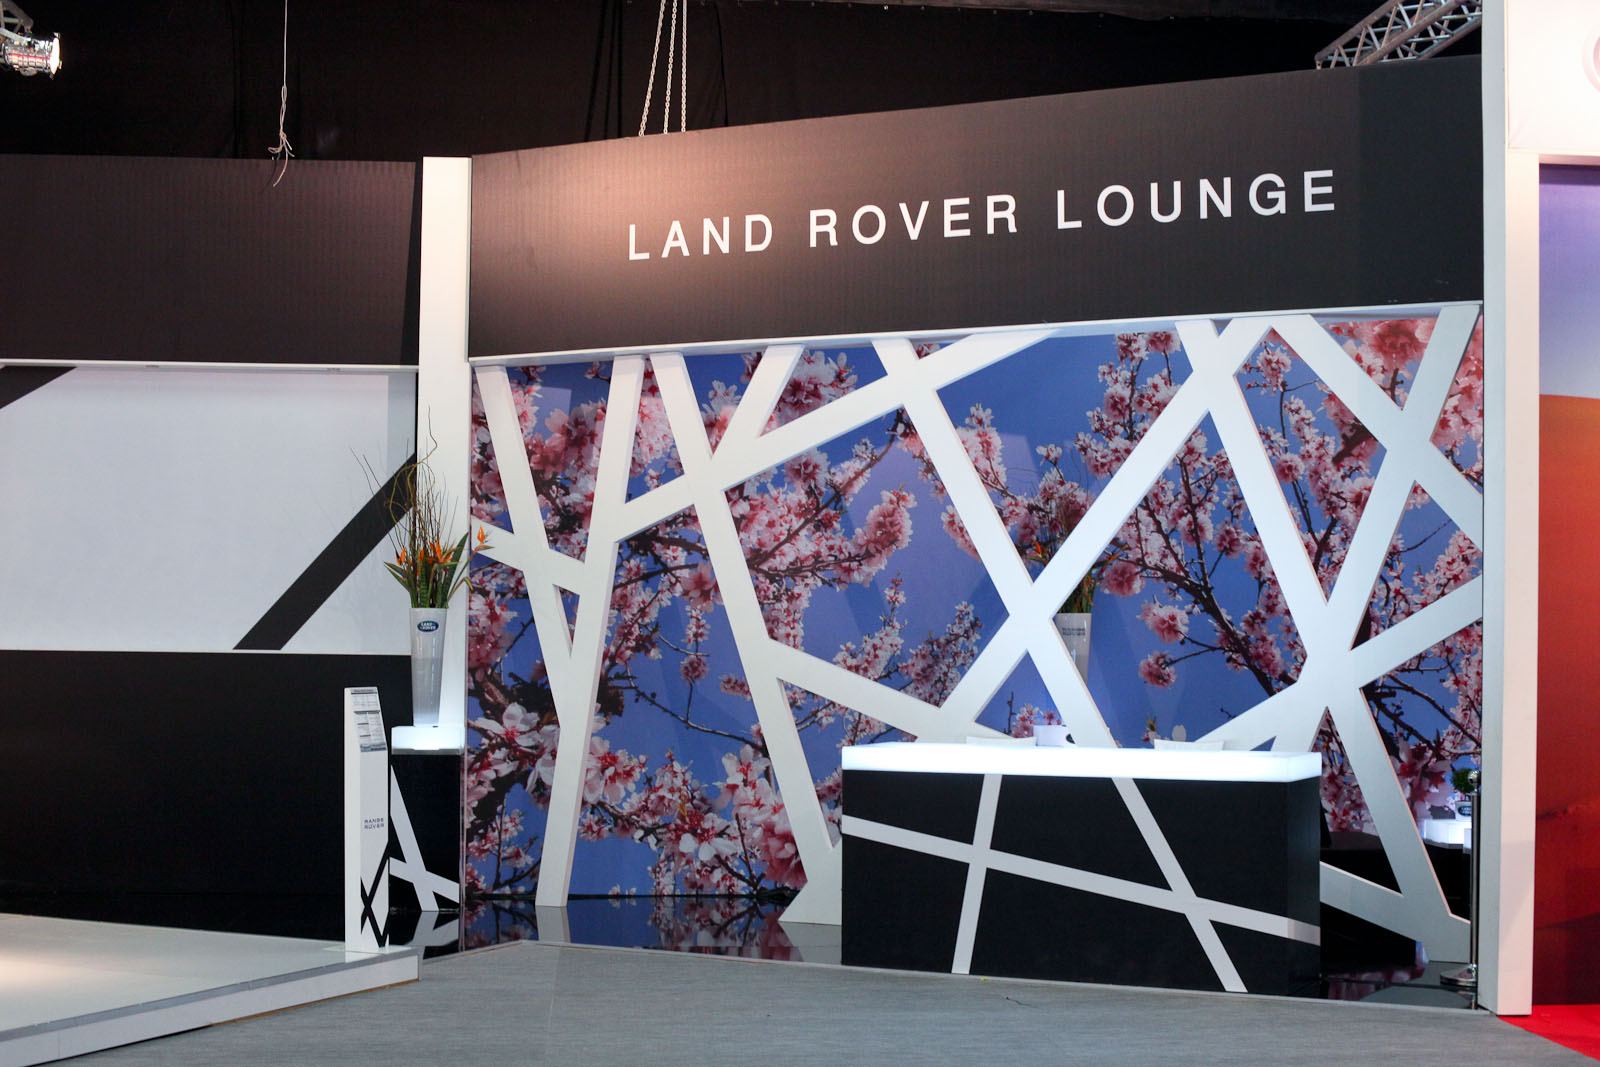 landrover-024.jpg